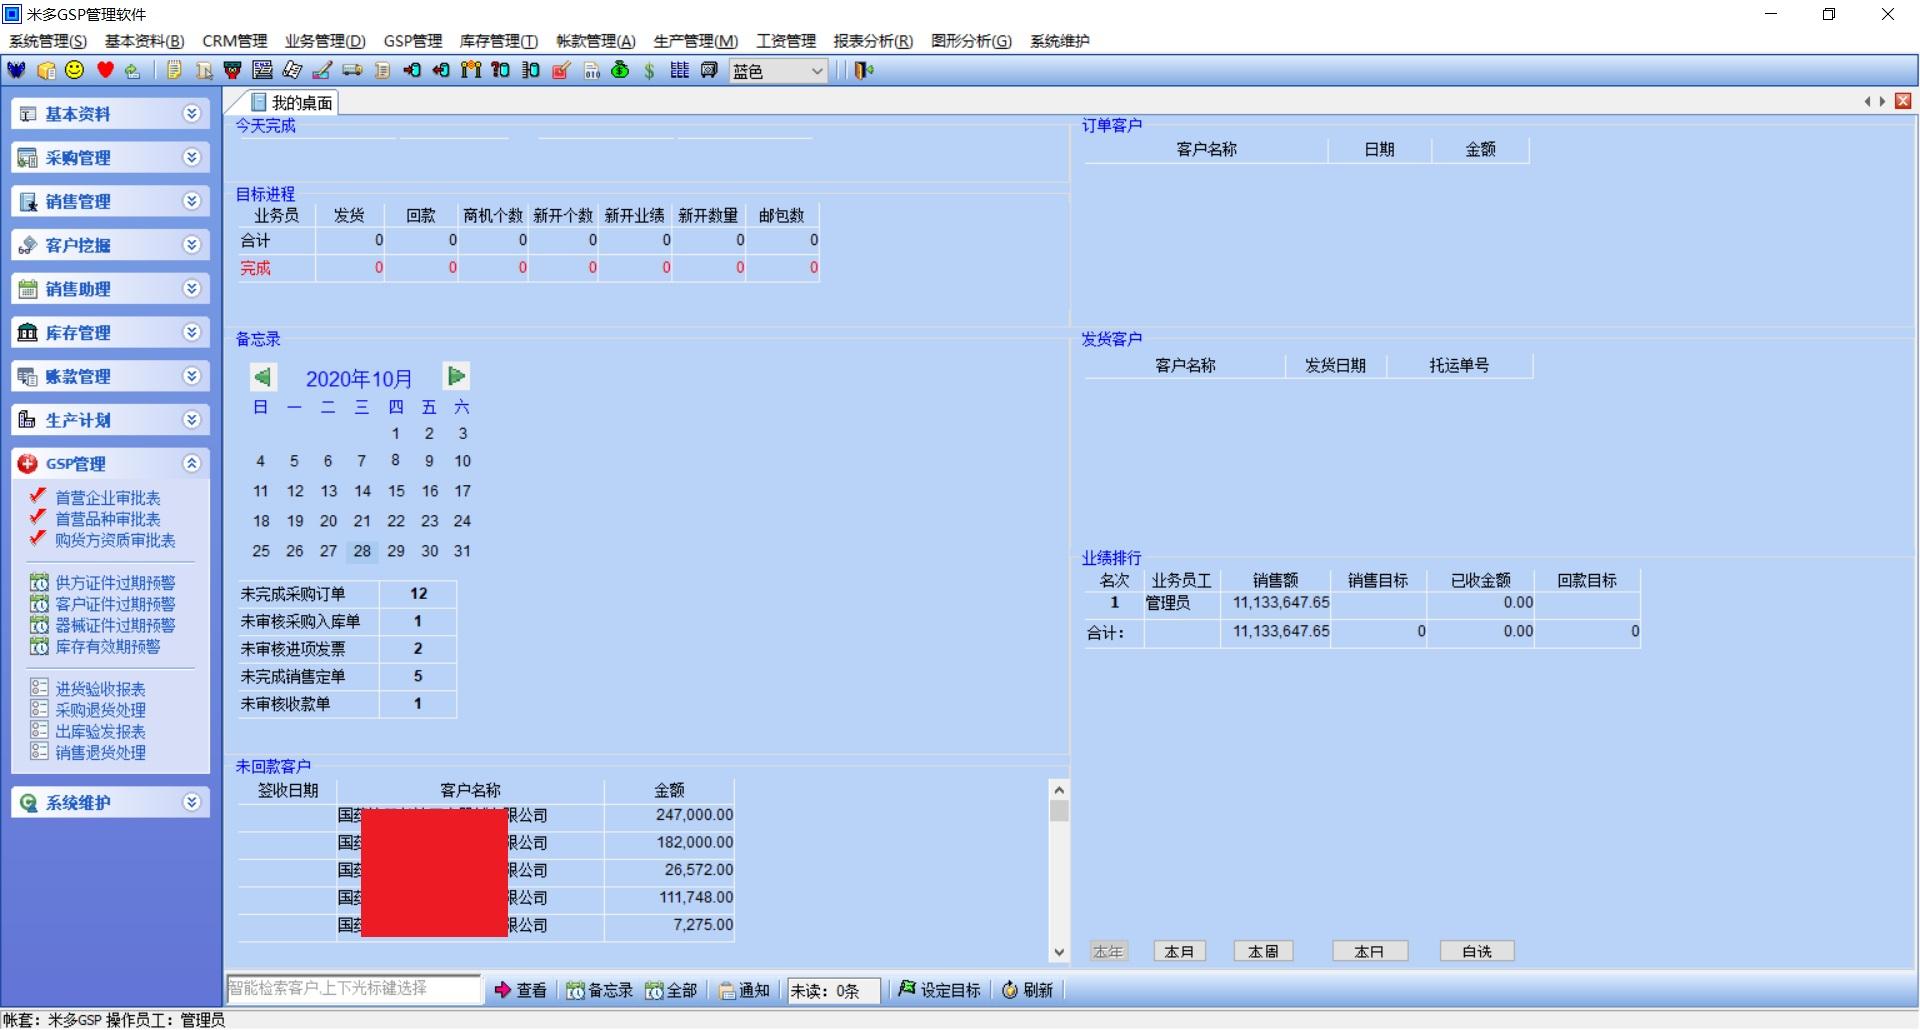 米多gsp管理软件截图1